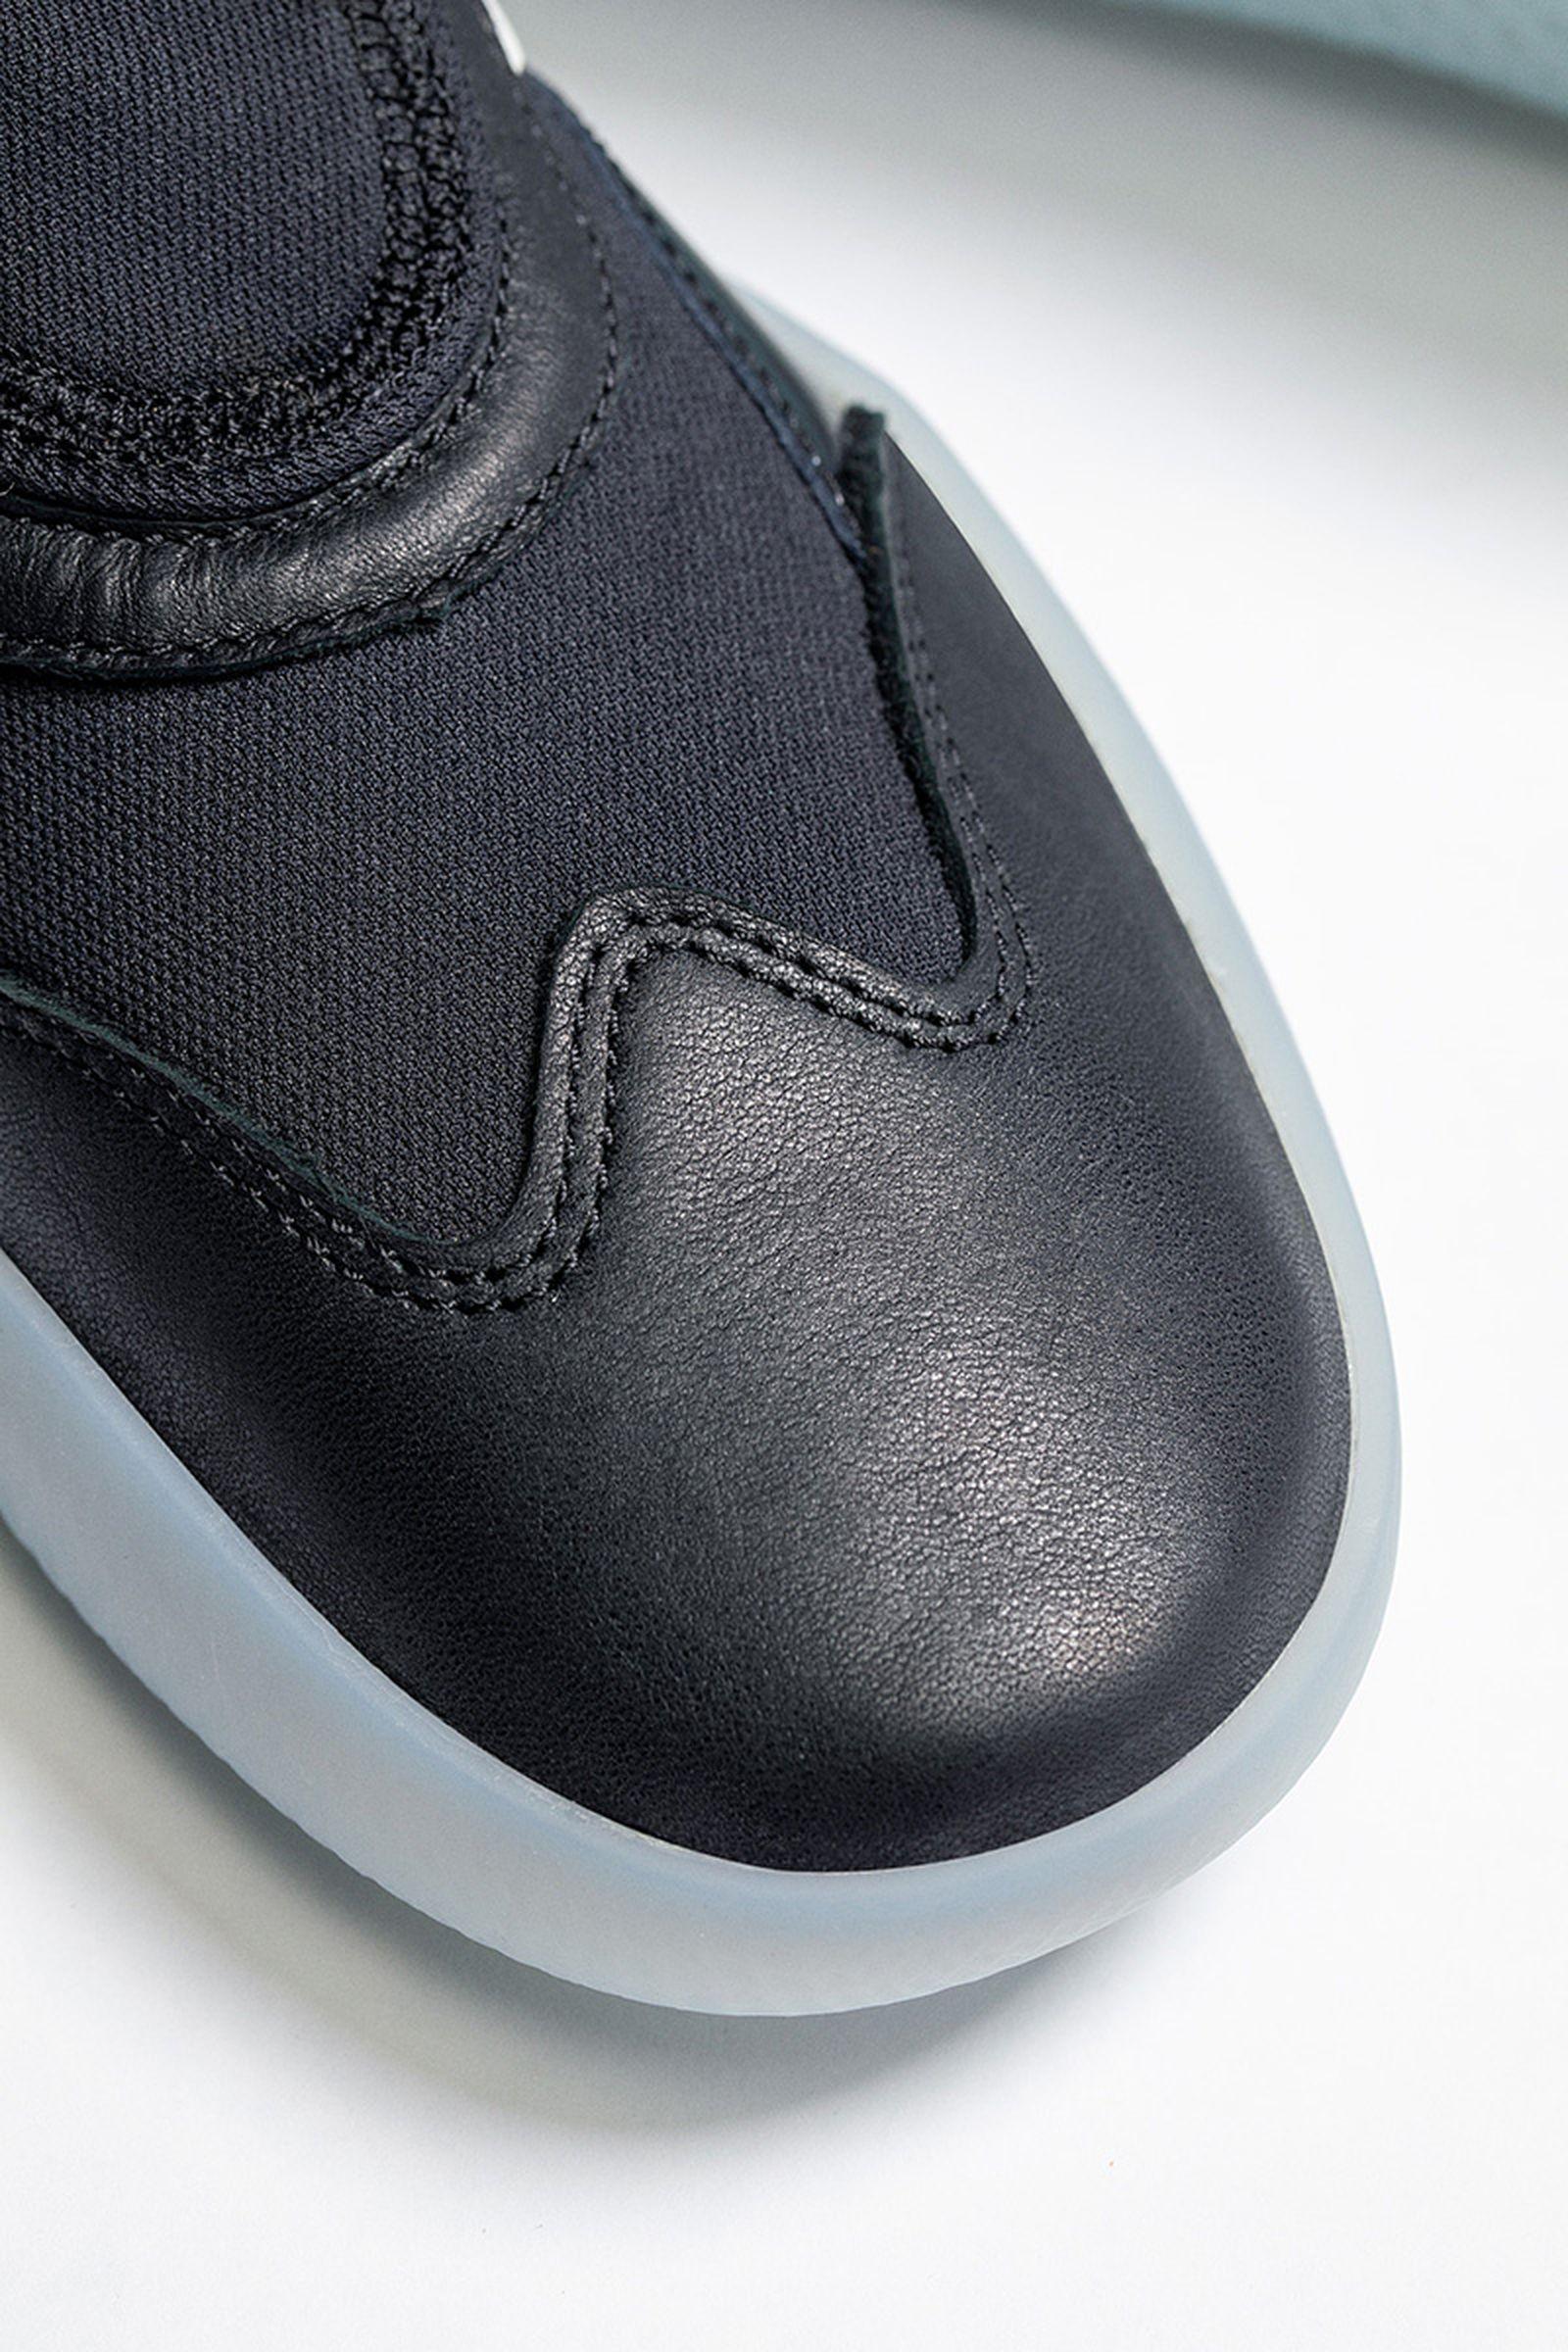 vault-by-vans-boot-skoot-lx-release-date-info-price-14